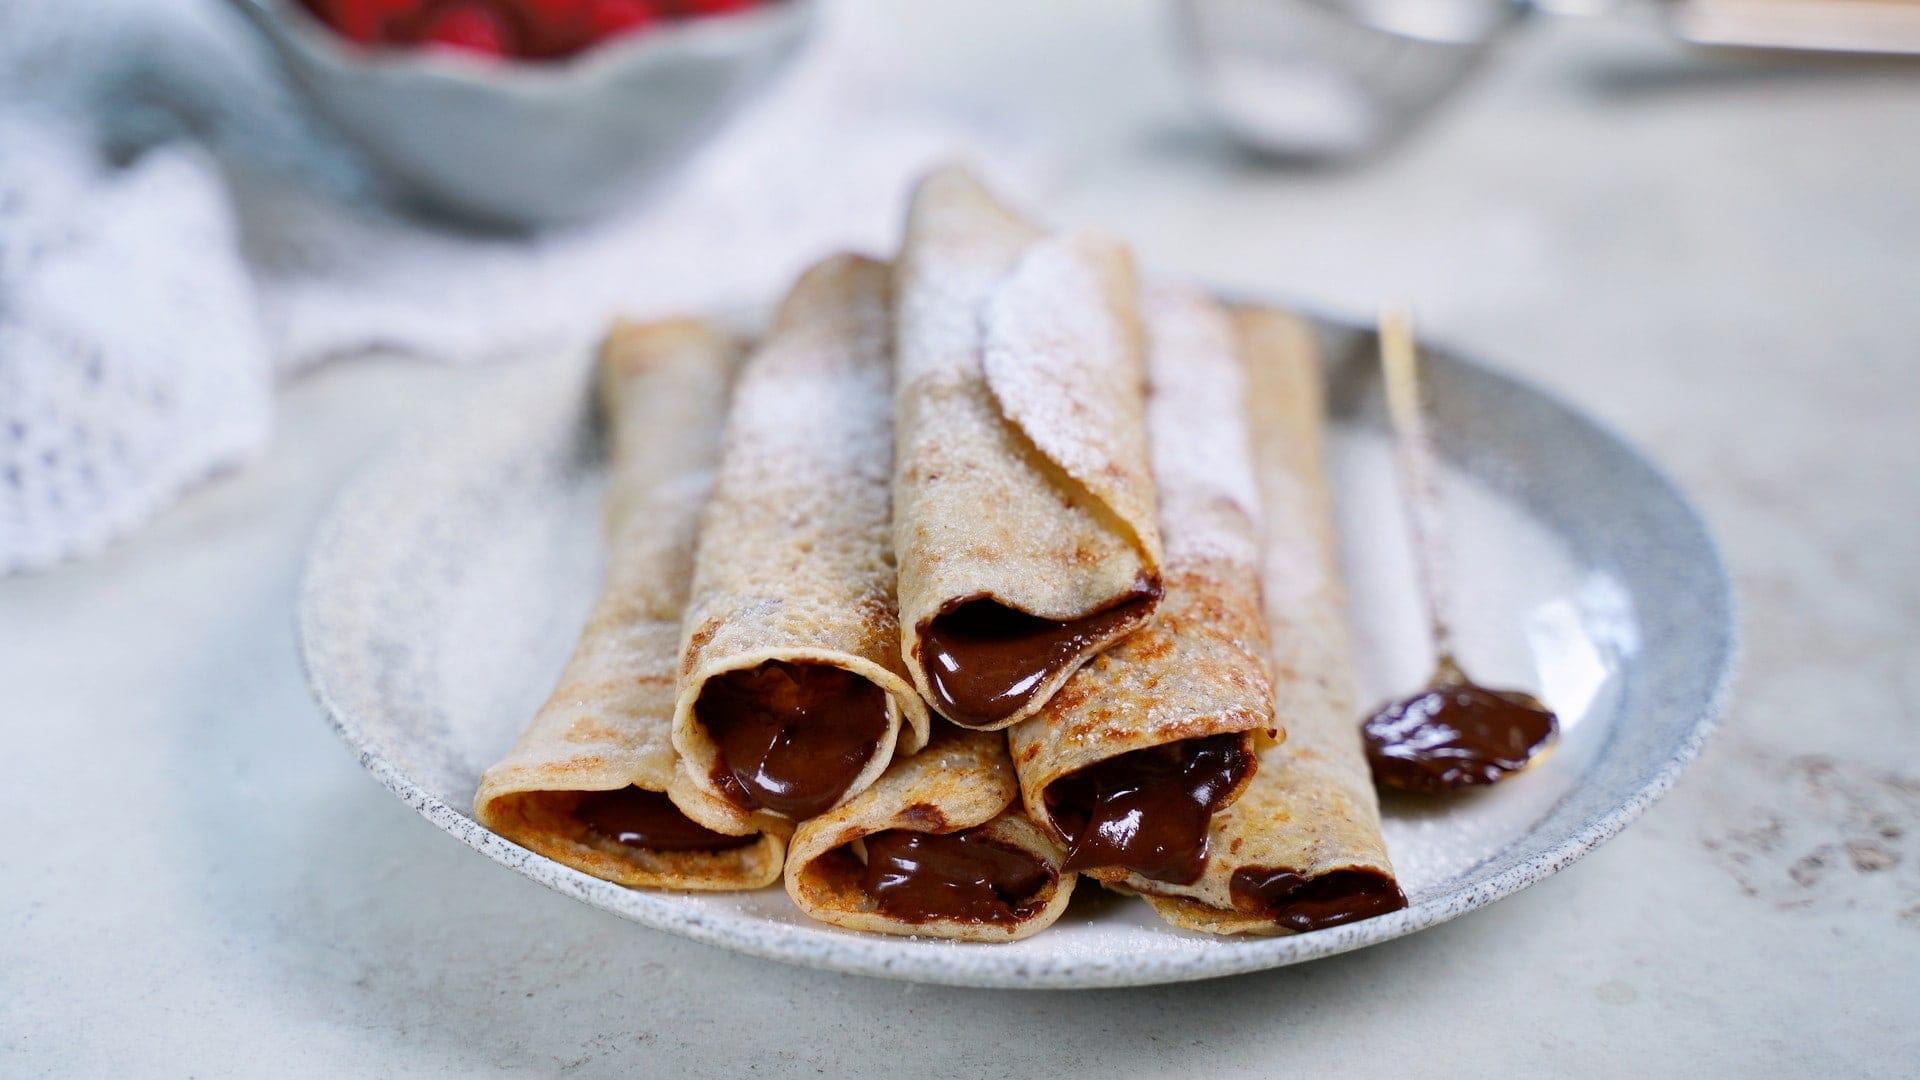 Queraufnahme von 6 Crêpes mit Schokoladen-Aufstrich auf einem Teller